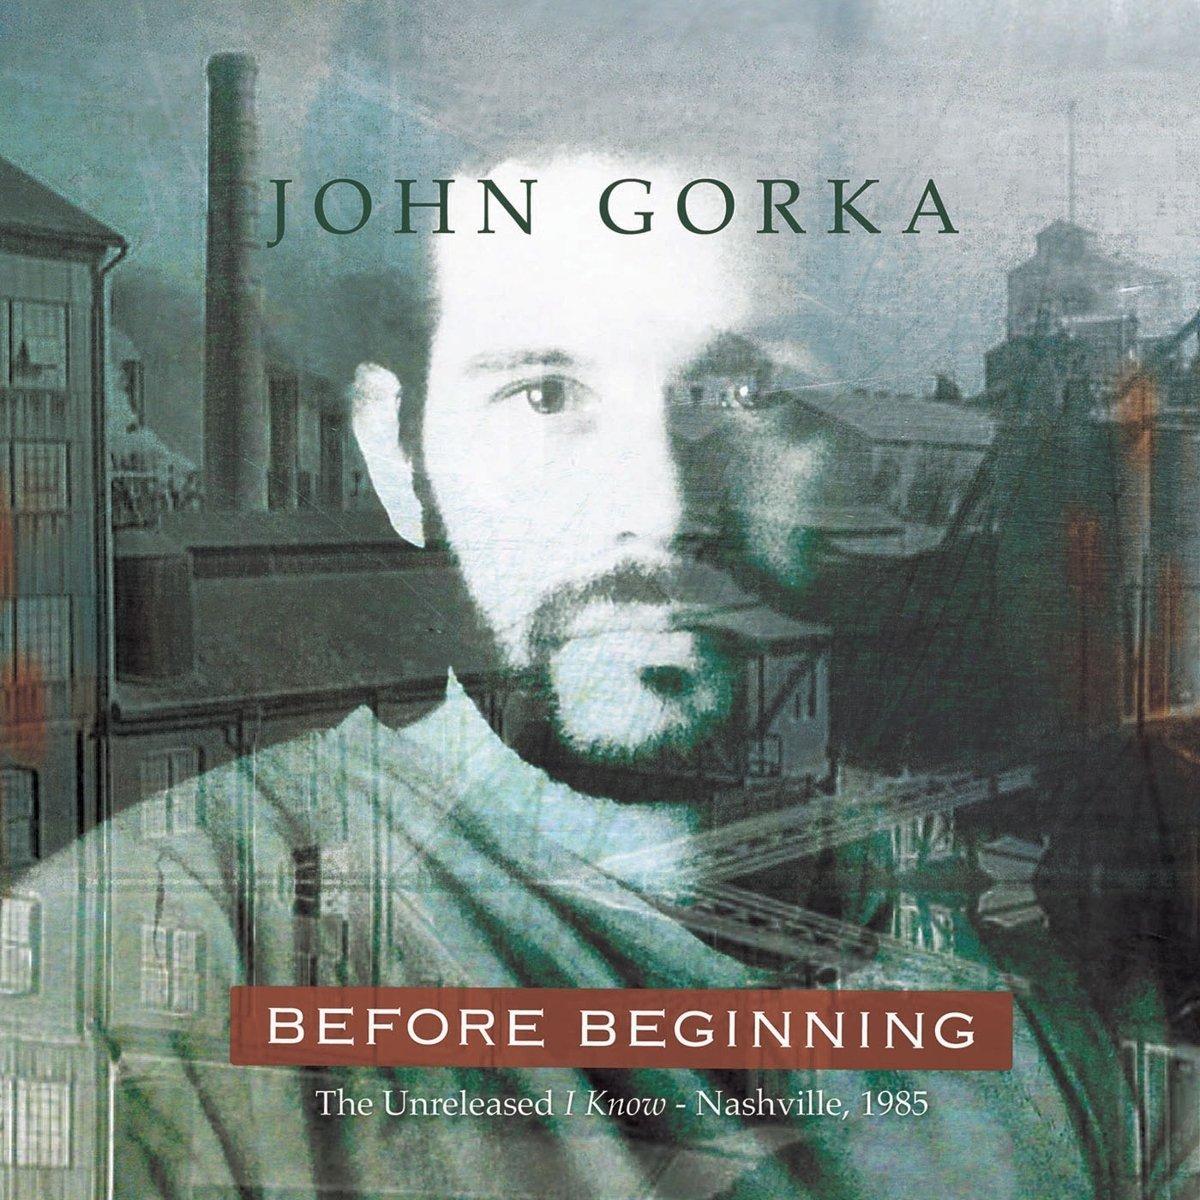 John Gorka - cover art